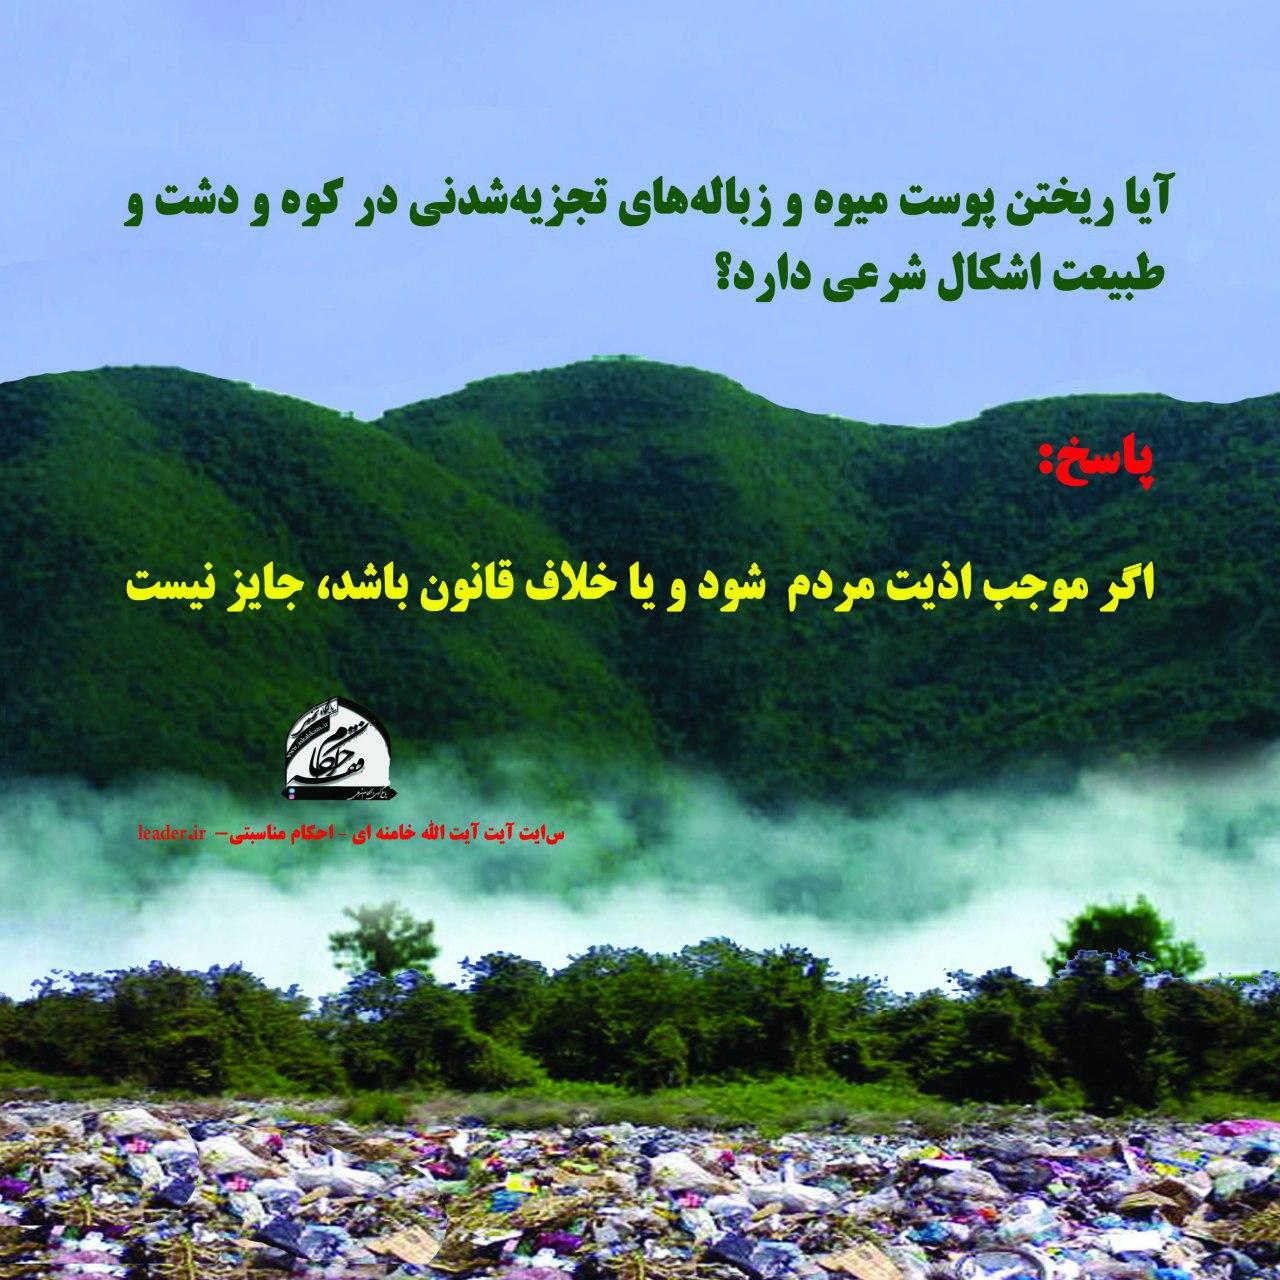 آیا ریختن پوست میوه و زبالههای تجزیهشدنی در کوه و دشت و طبیعت اشکال شرعی دارد؟